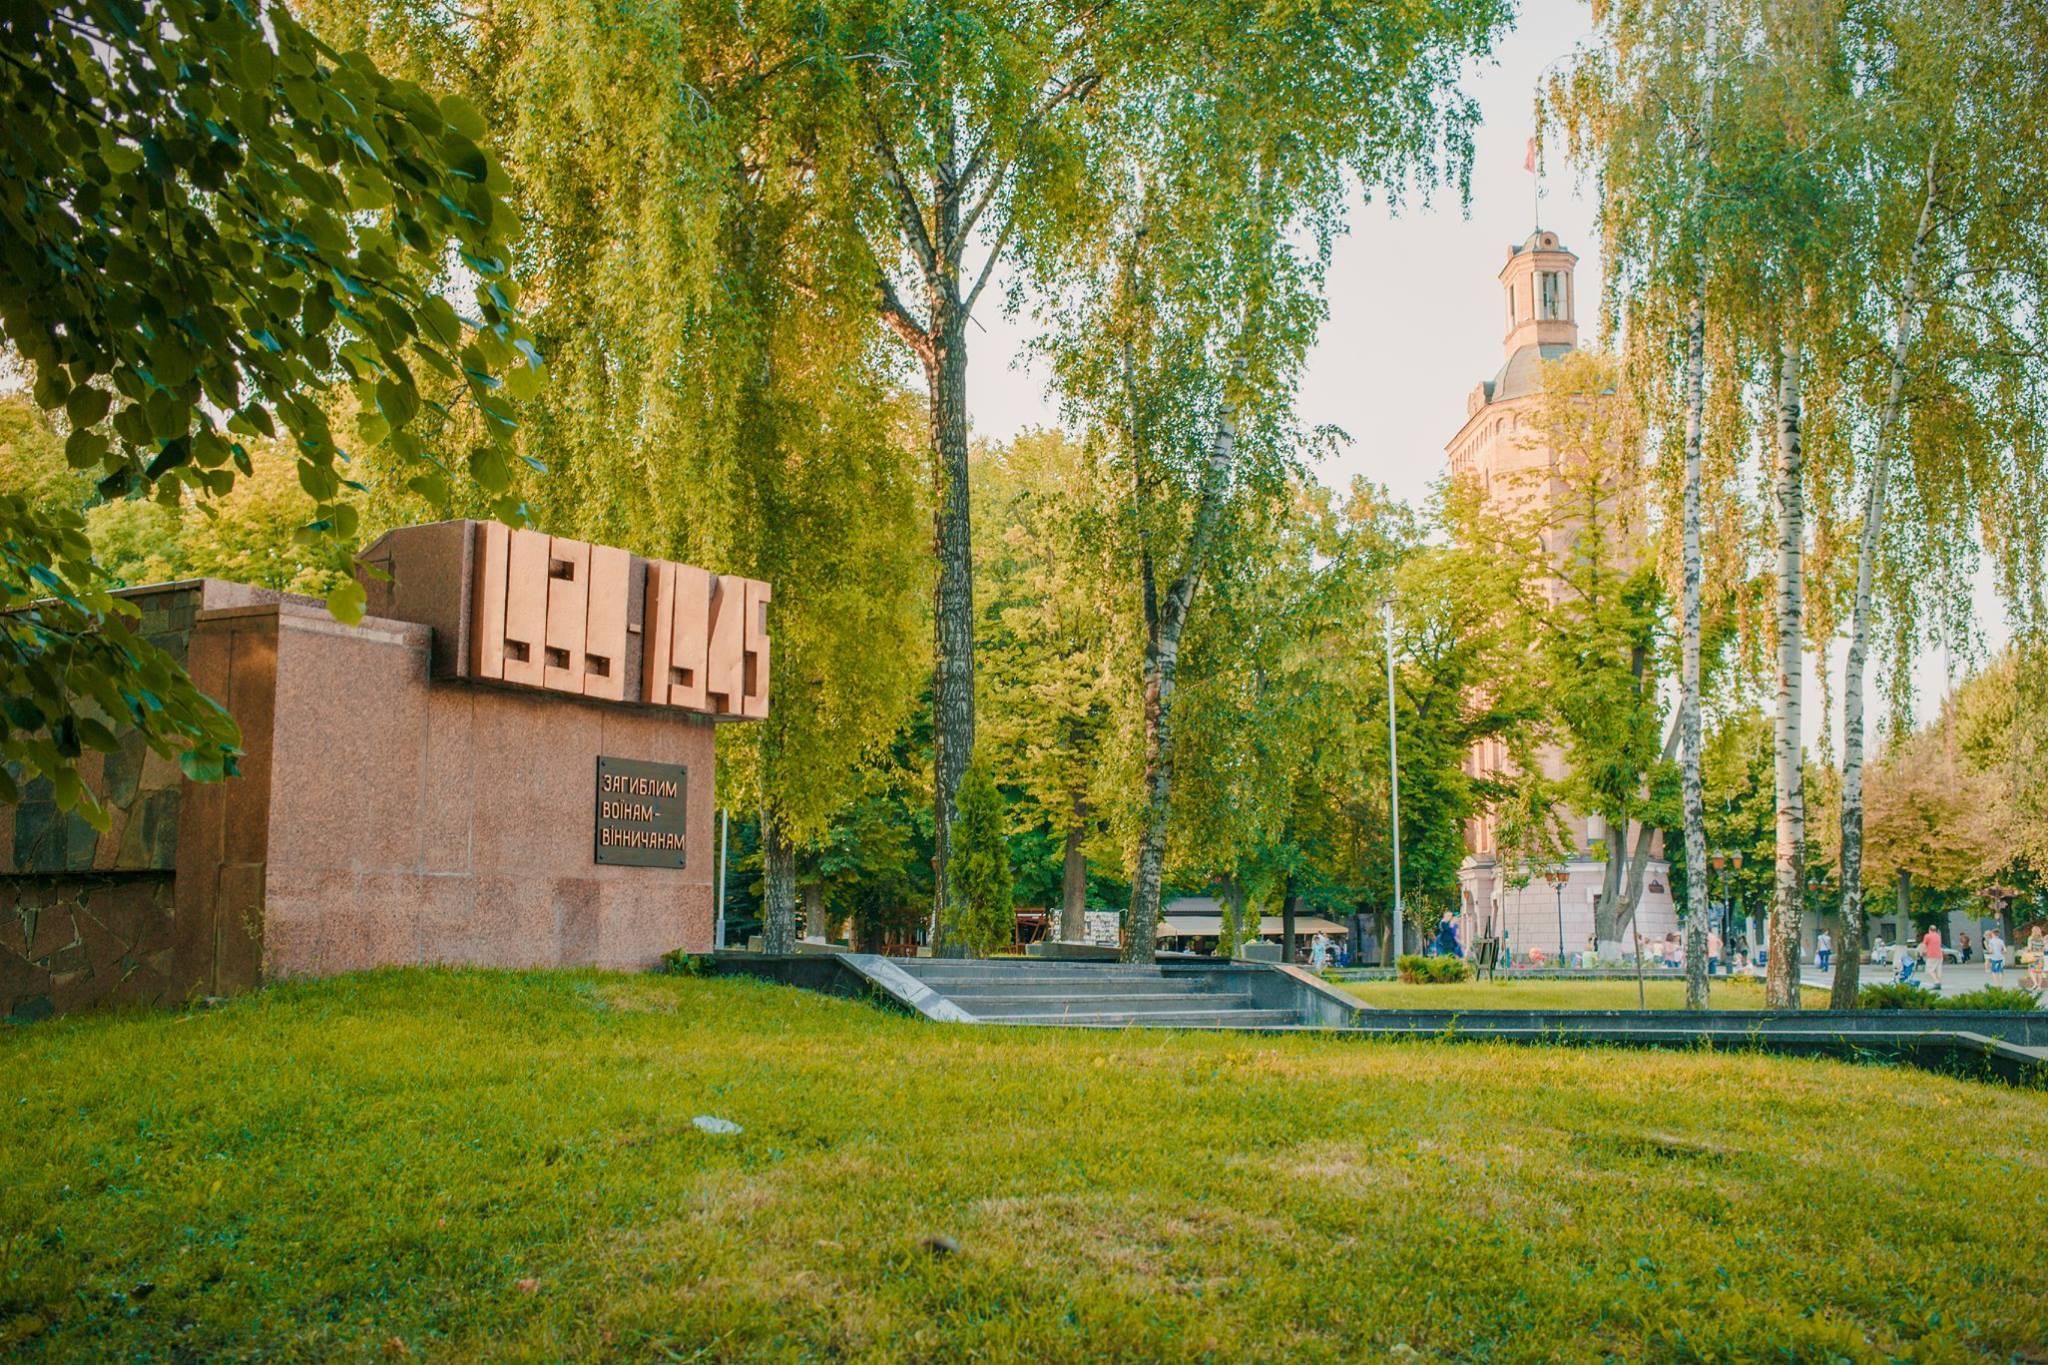 Tak ma wyglądąć niedługo Memoriał na Placu Europejskim. Autor kompozycji - Sergiusz Olijnyk